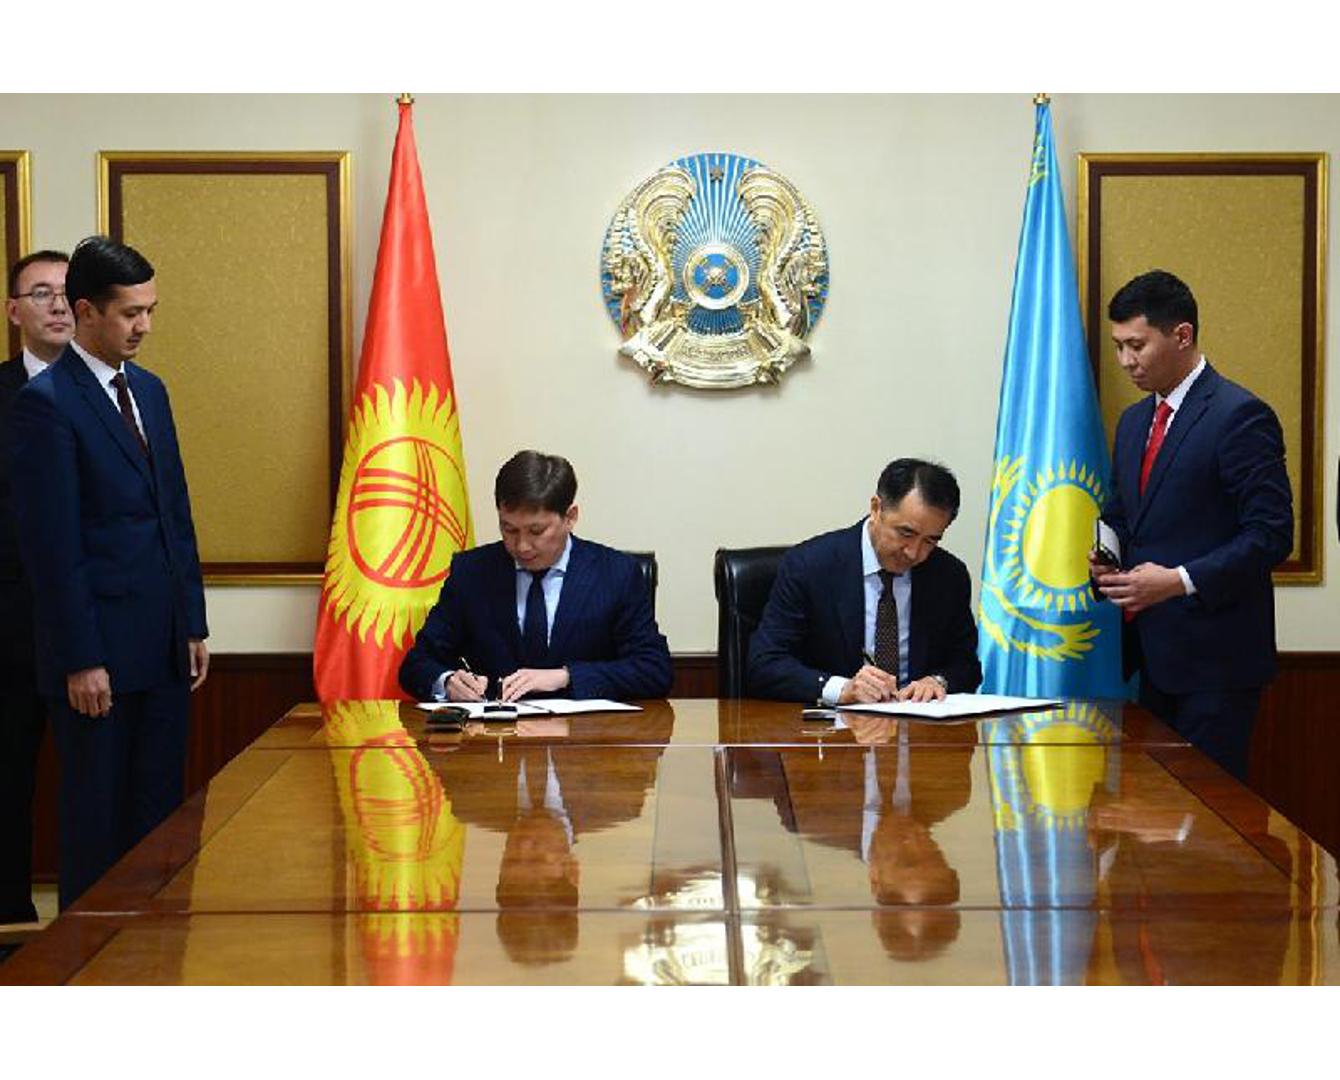 Сағынтаев Қырғызстан делегациясымен келіссөздерден соң мәлімдеме жасады